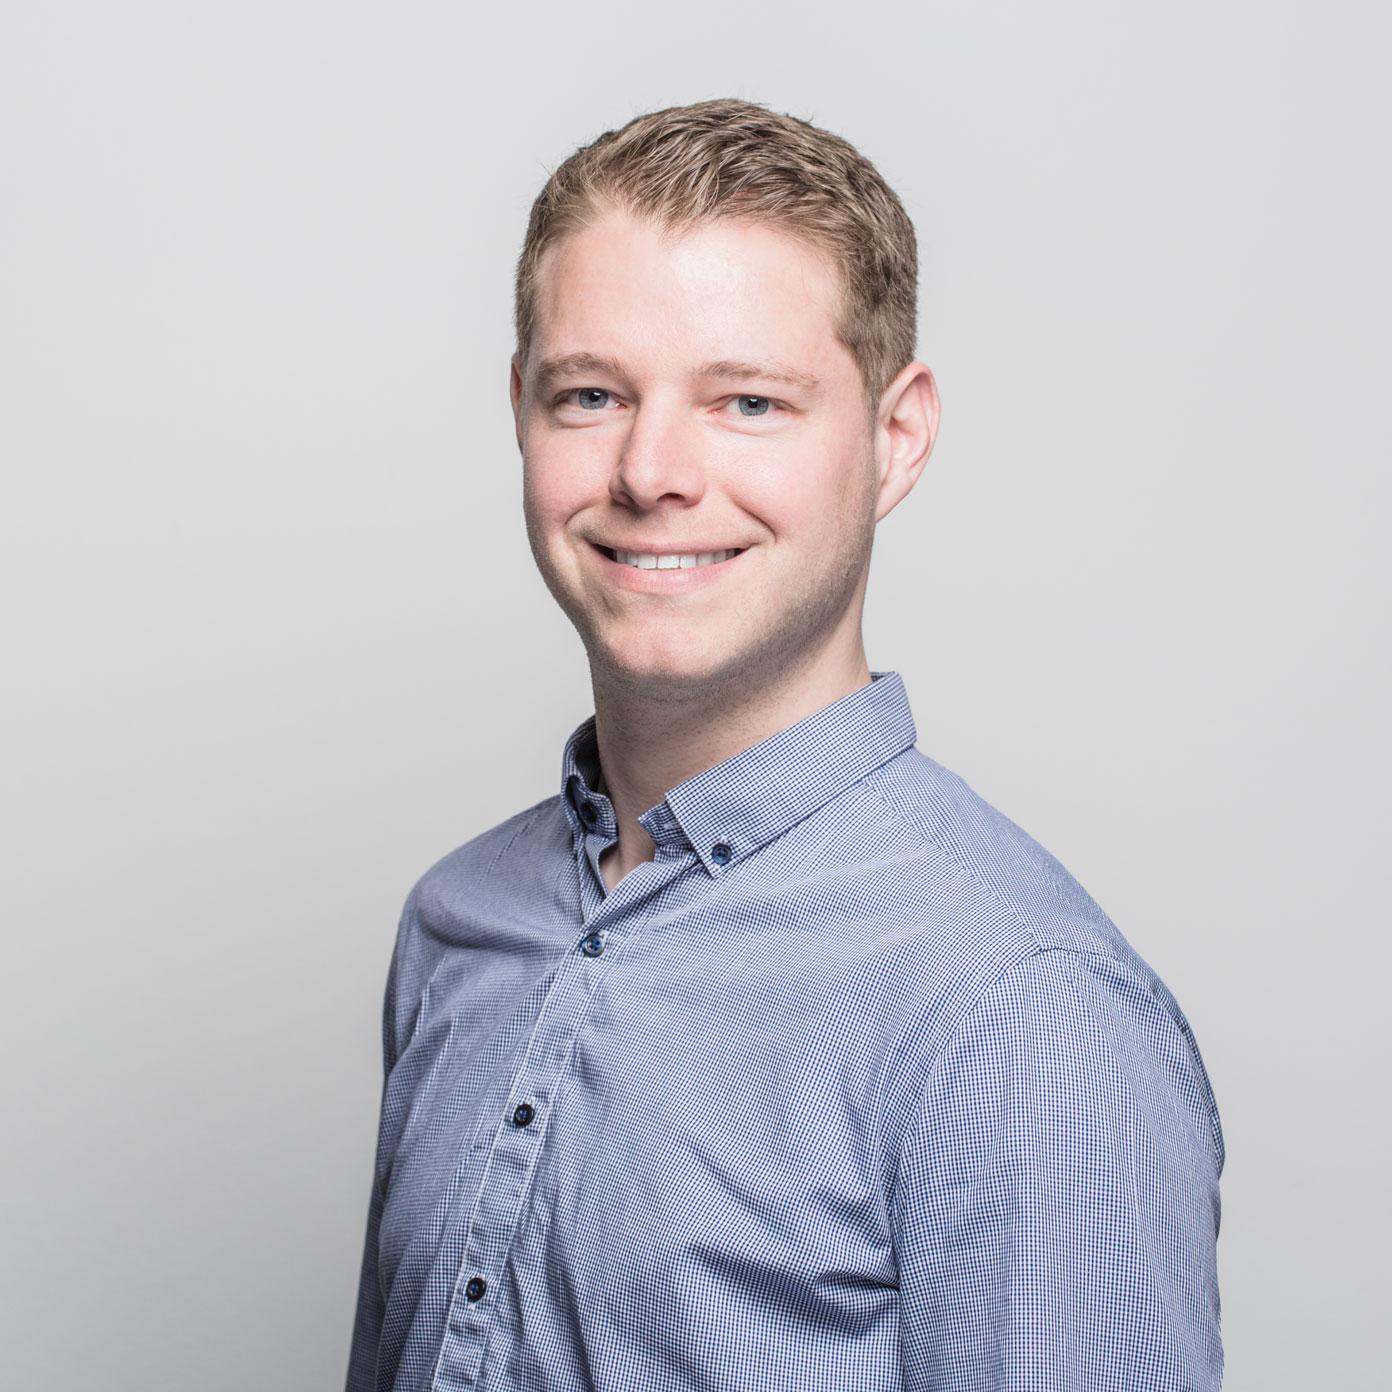 Lars Meier